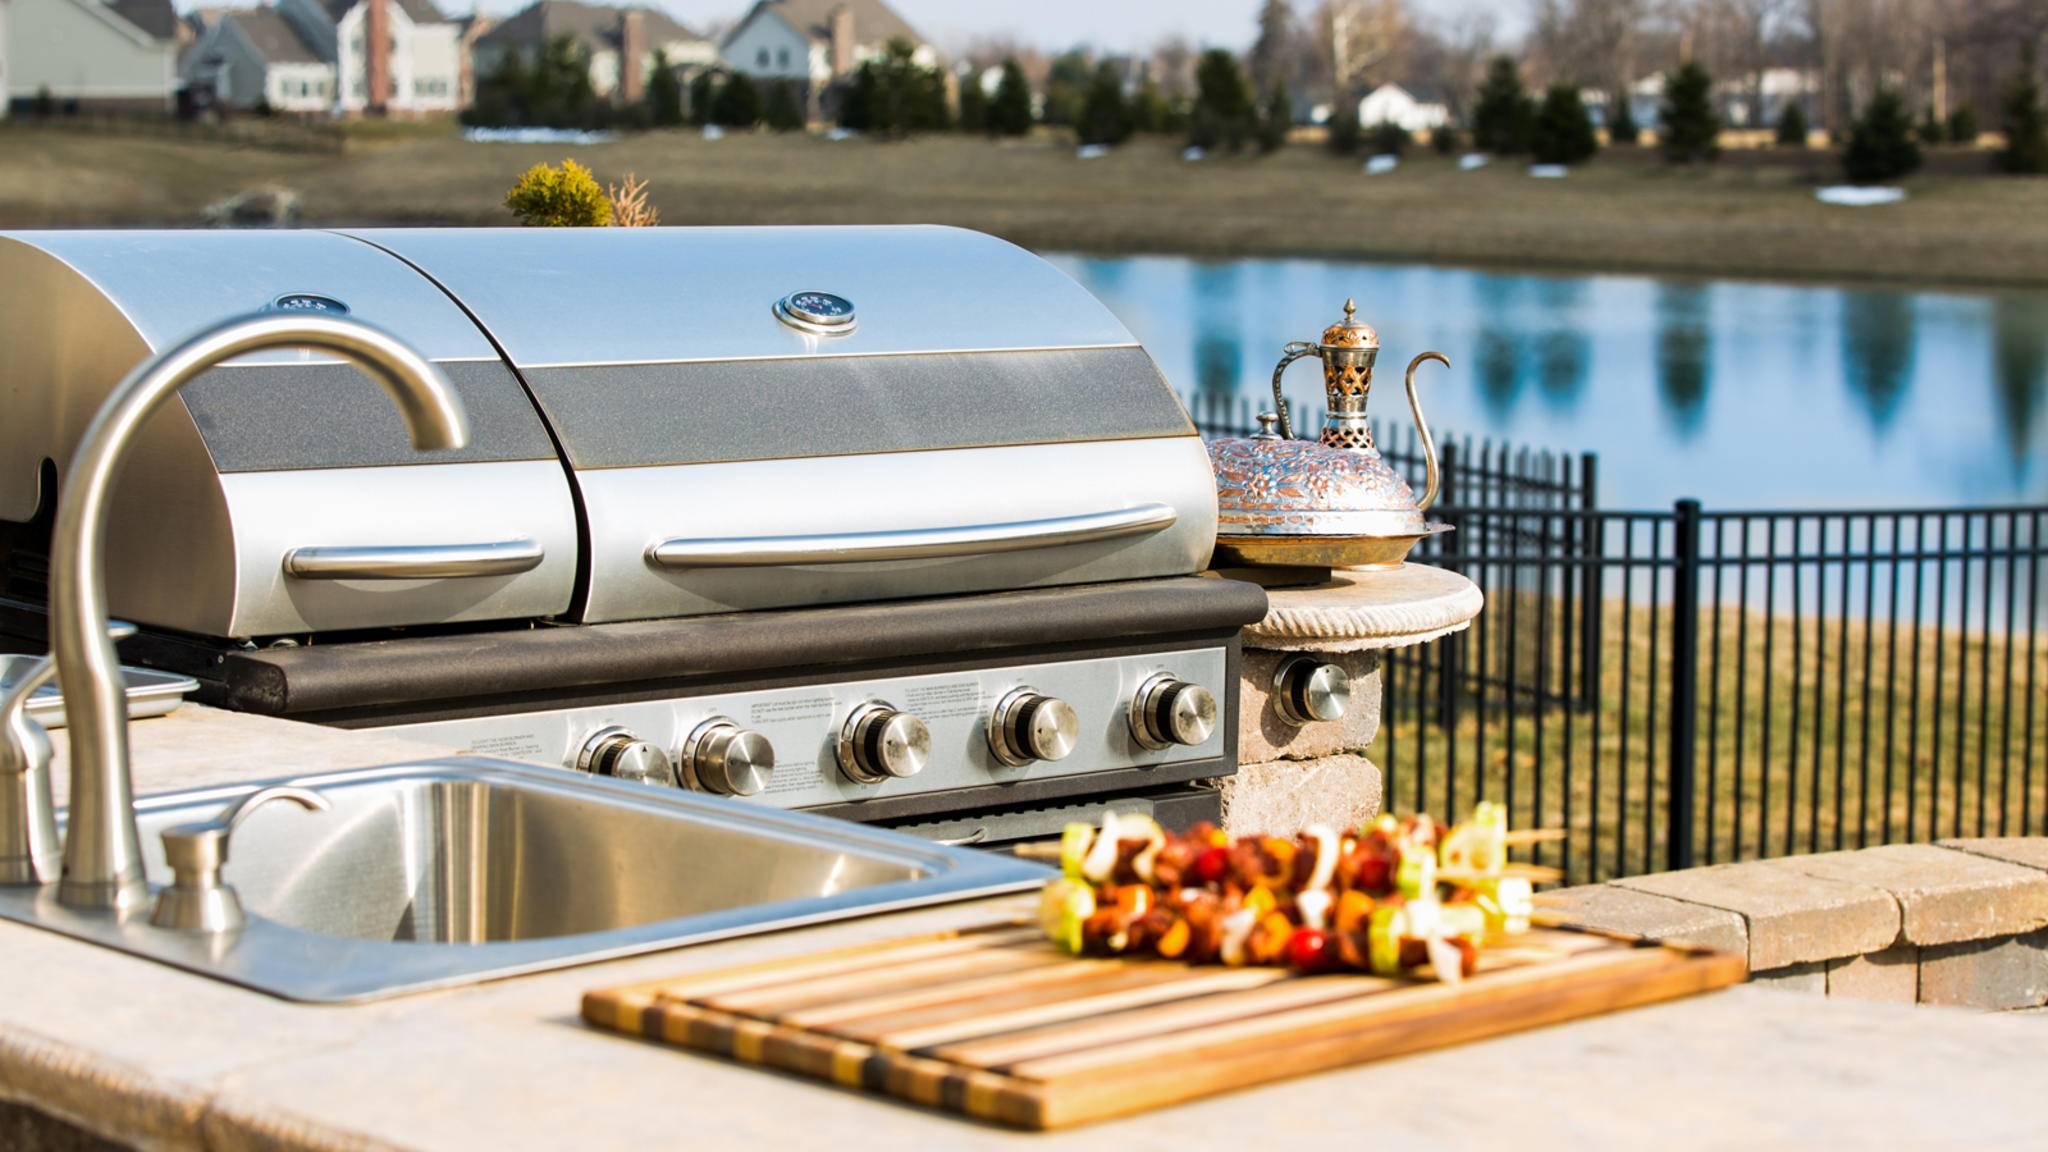 Outdoor Küche Mit Gas : Outdoor küche tipps zu ausstattung und kauf